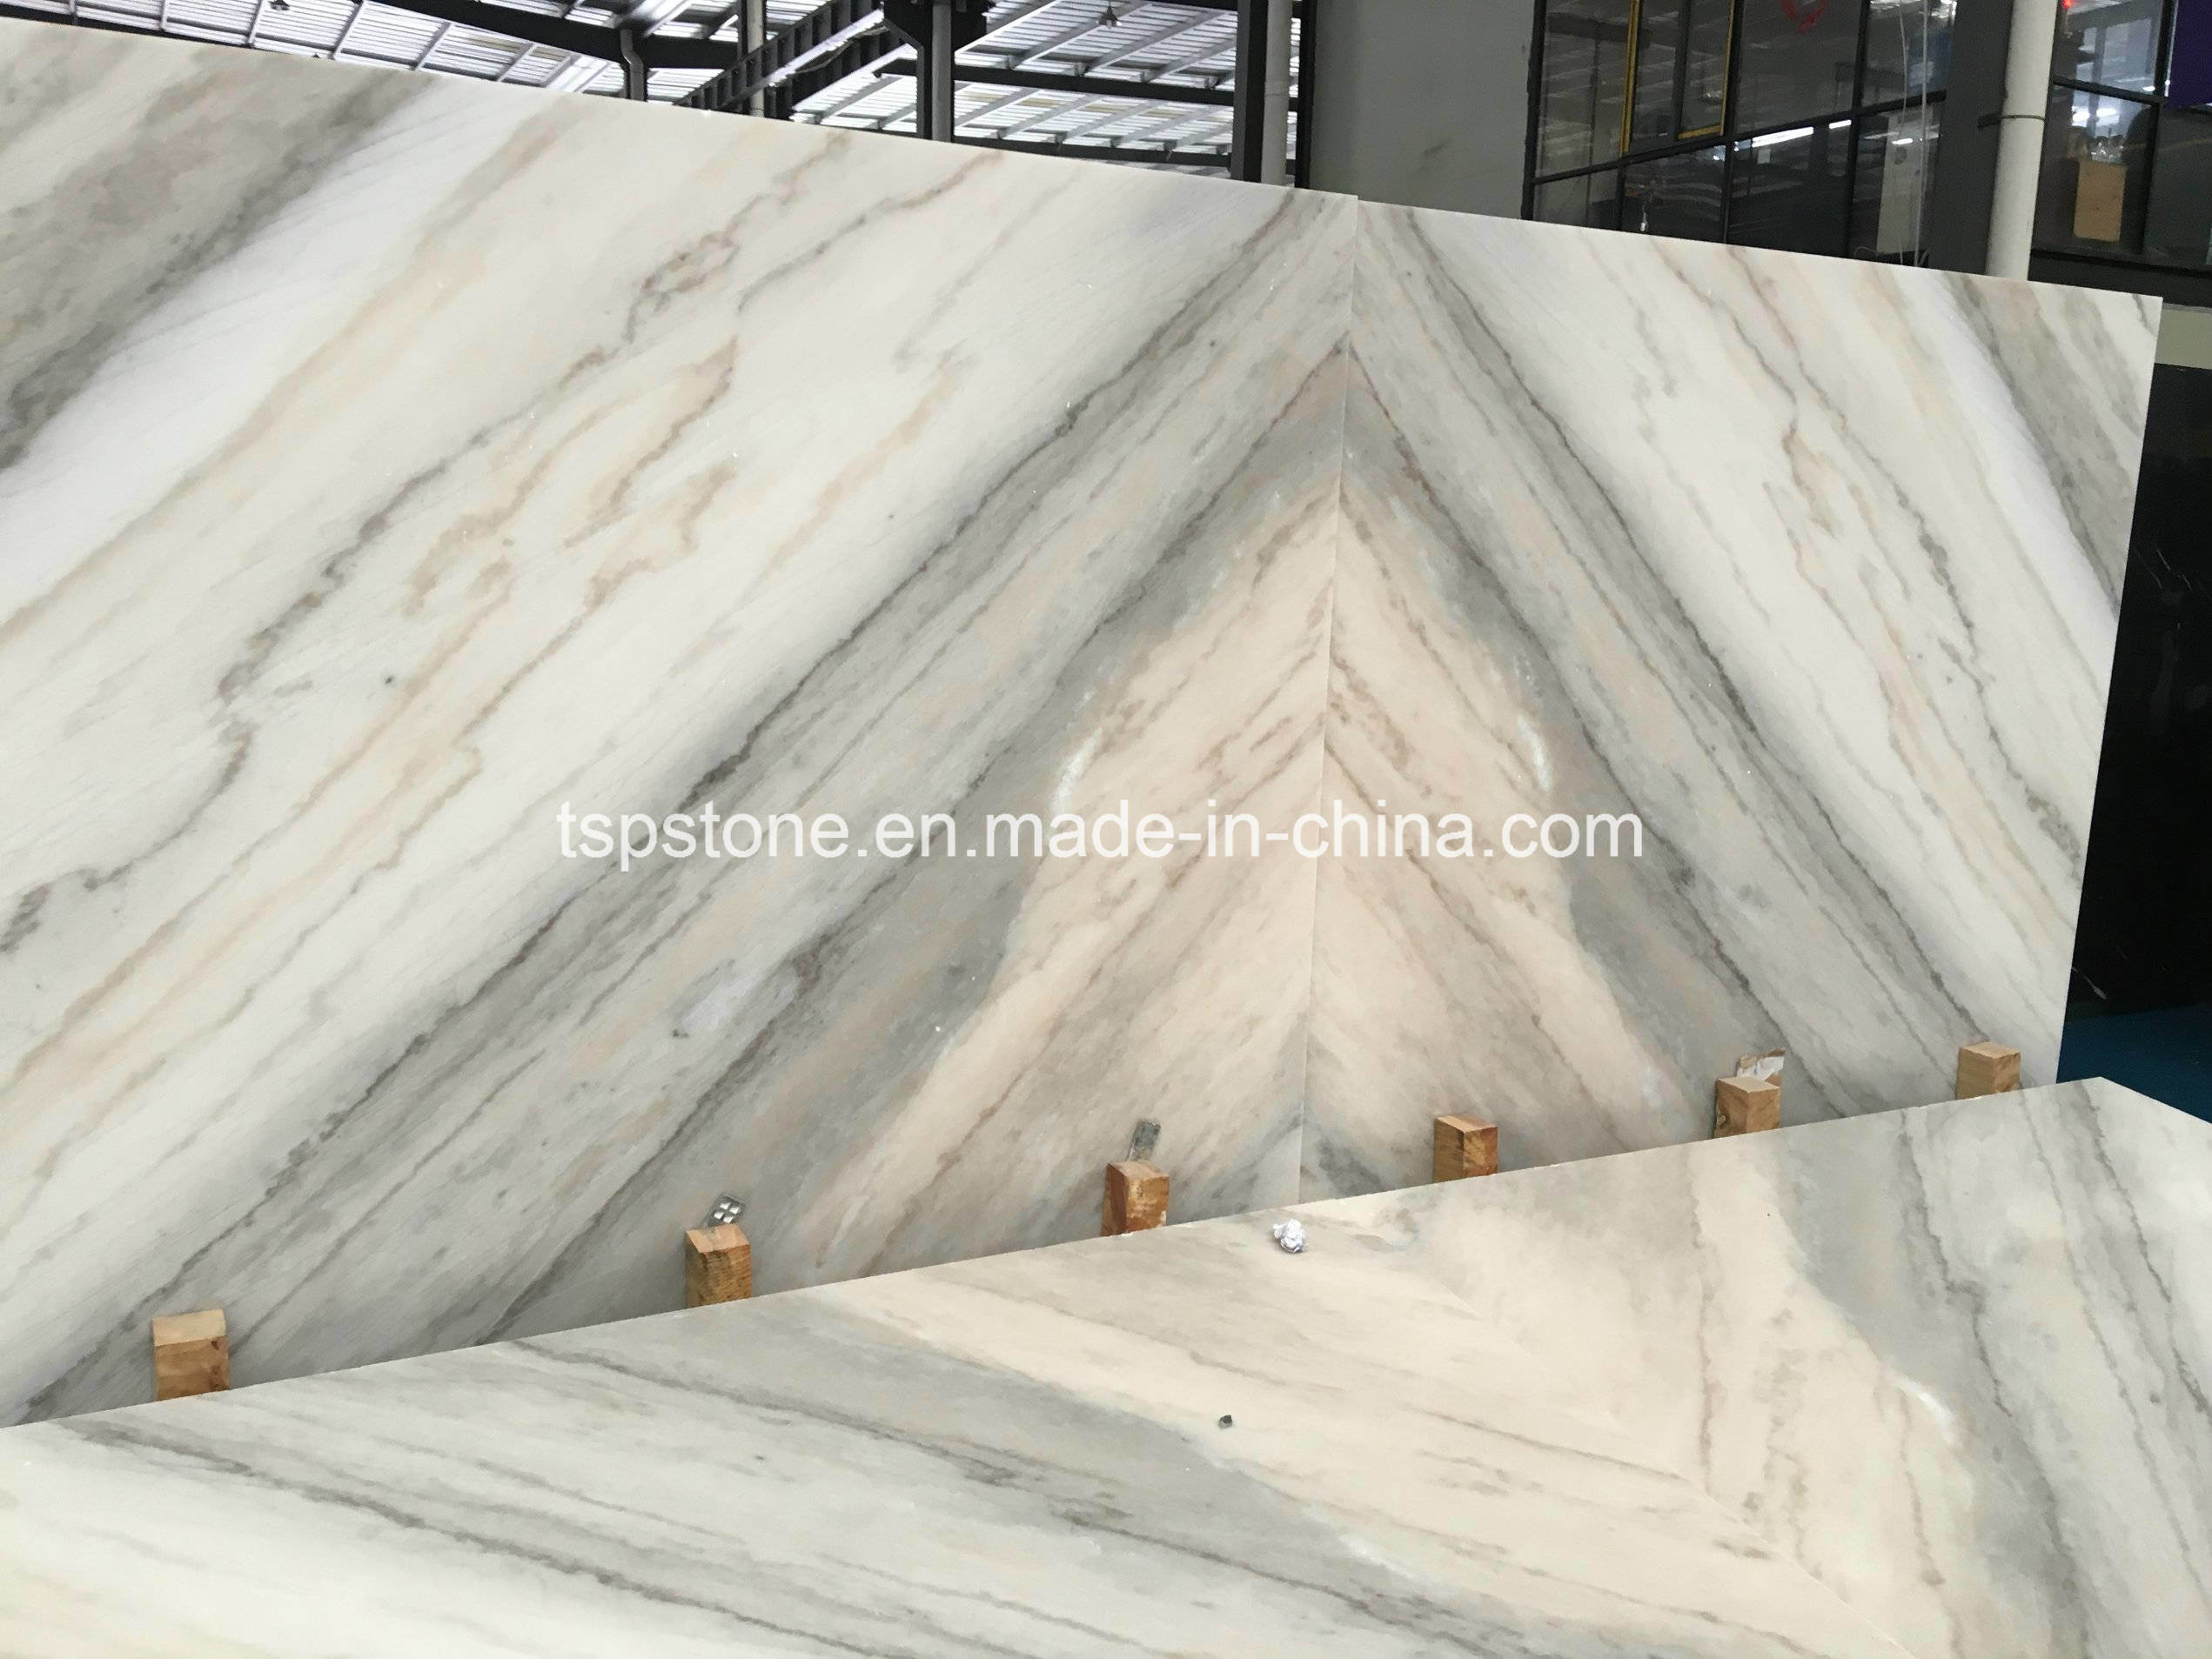 China Natural Marble/Granite/Limestone/Onyx/Sandstone/Slate/Quartz ...